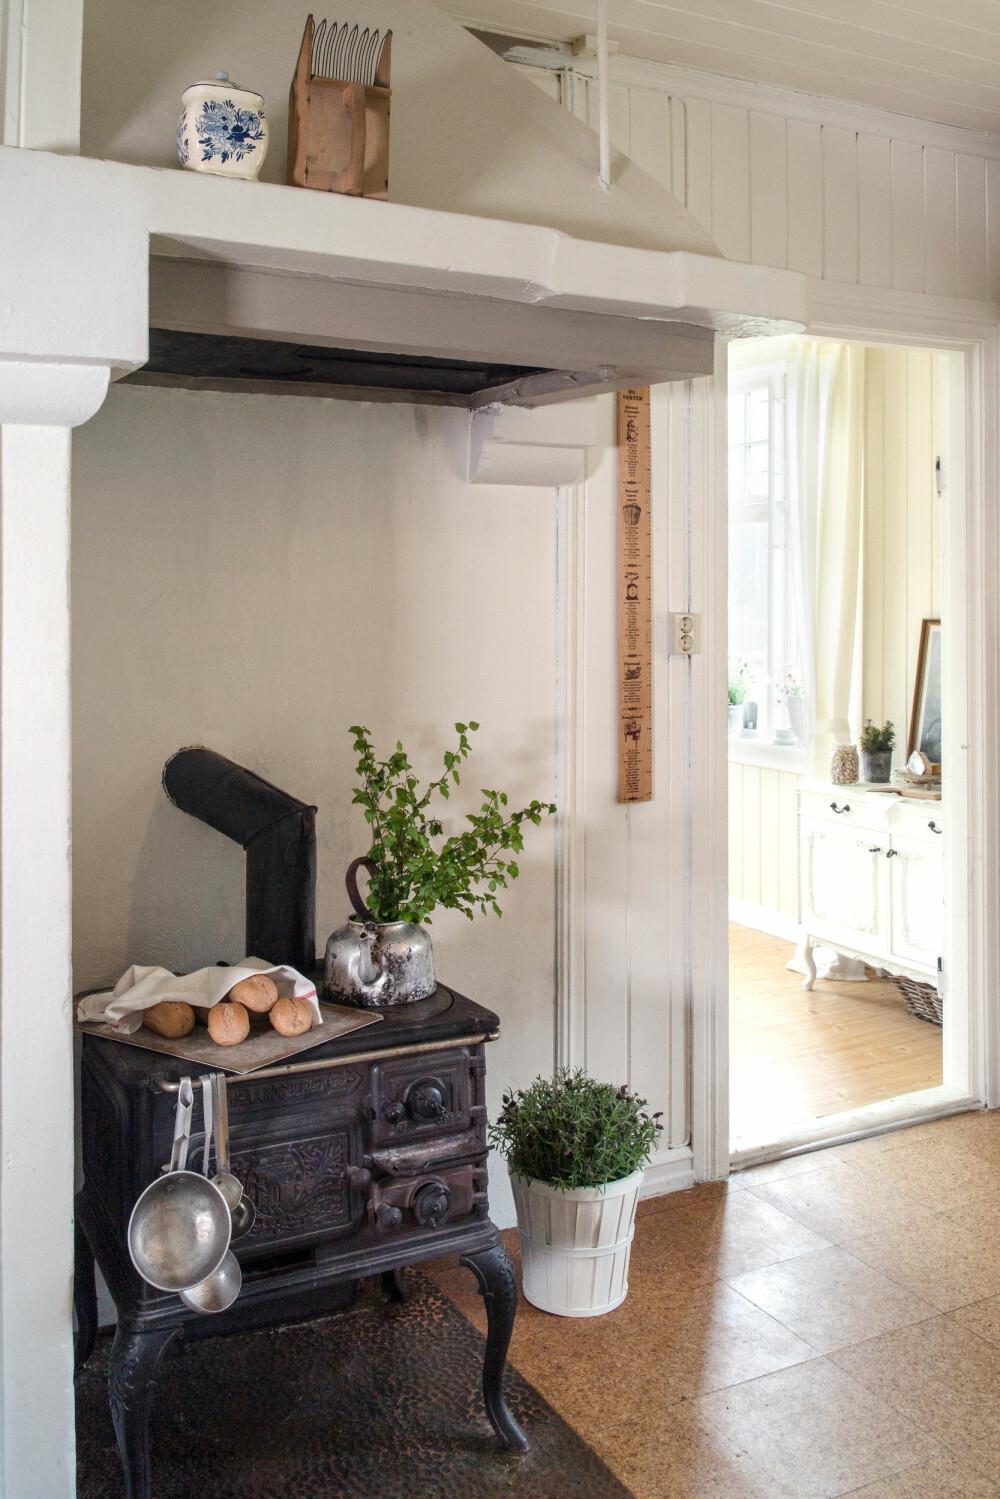 VEDOVN: Da paret først flyttet inn, hadde de bare denne gamle vedkomfyren å lage mat på. Det tok fem timer å lage lasagne, ler Katrine.